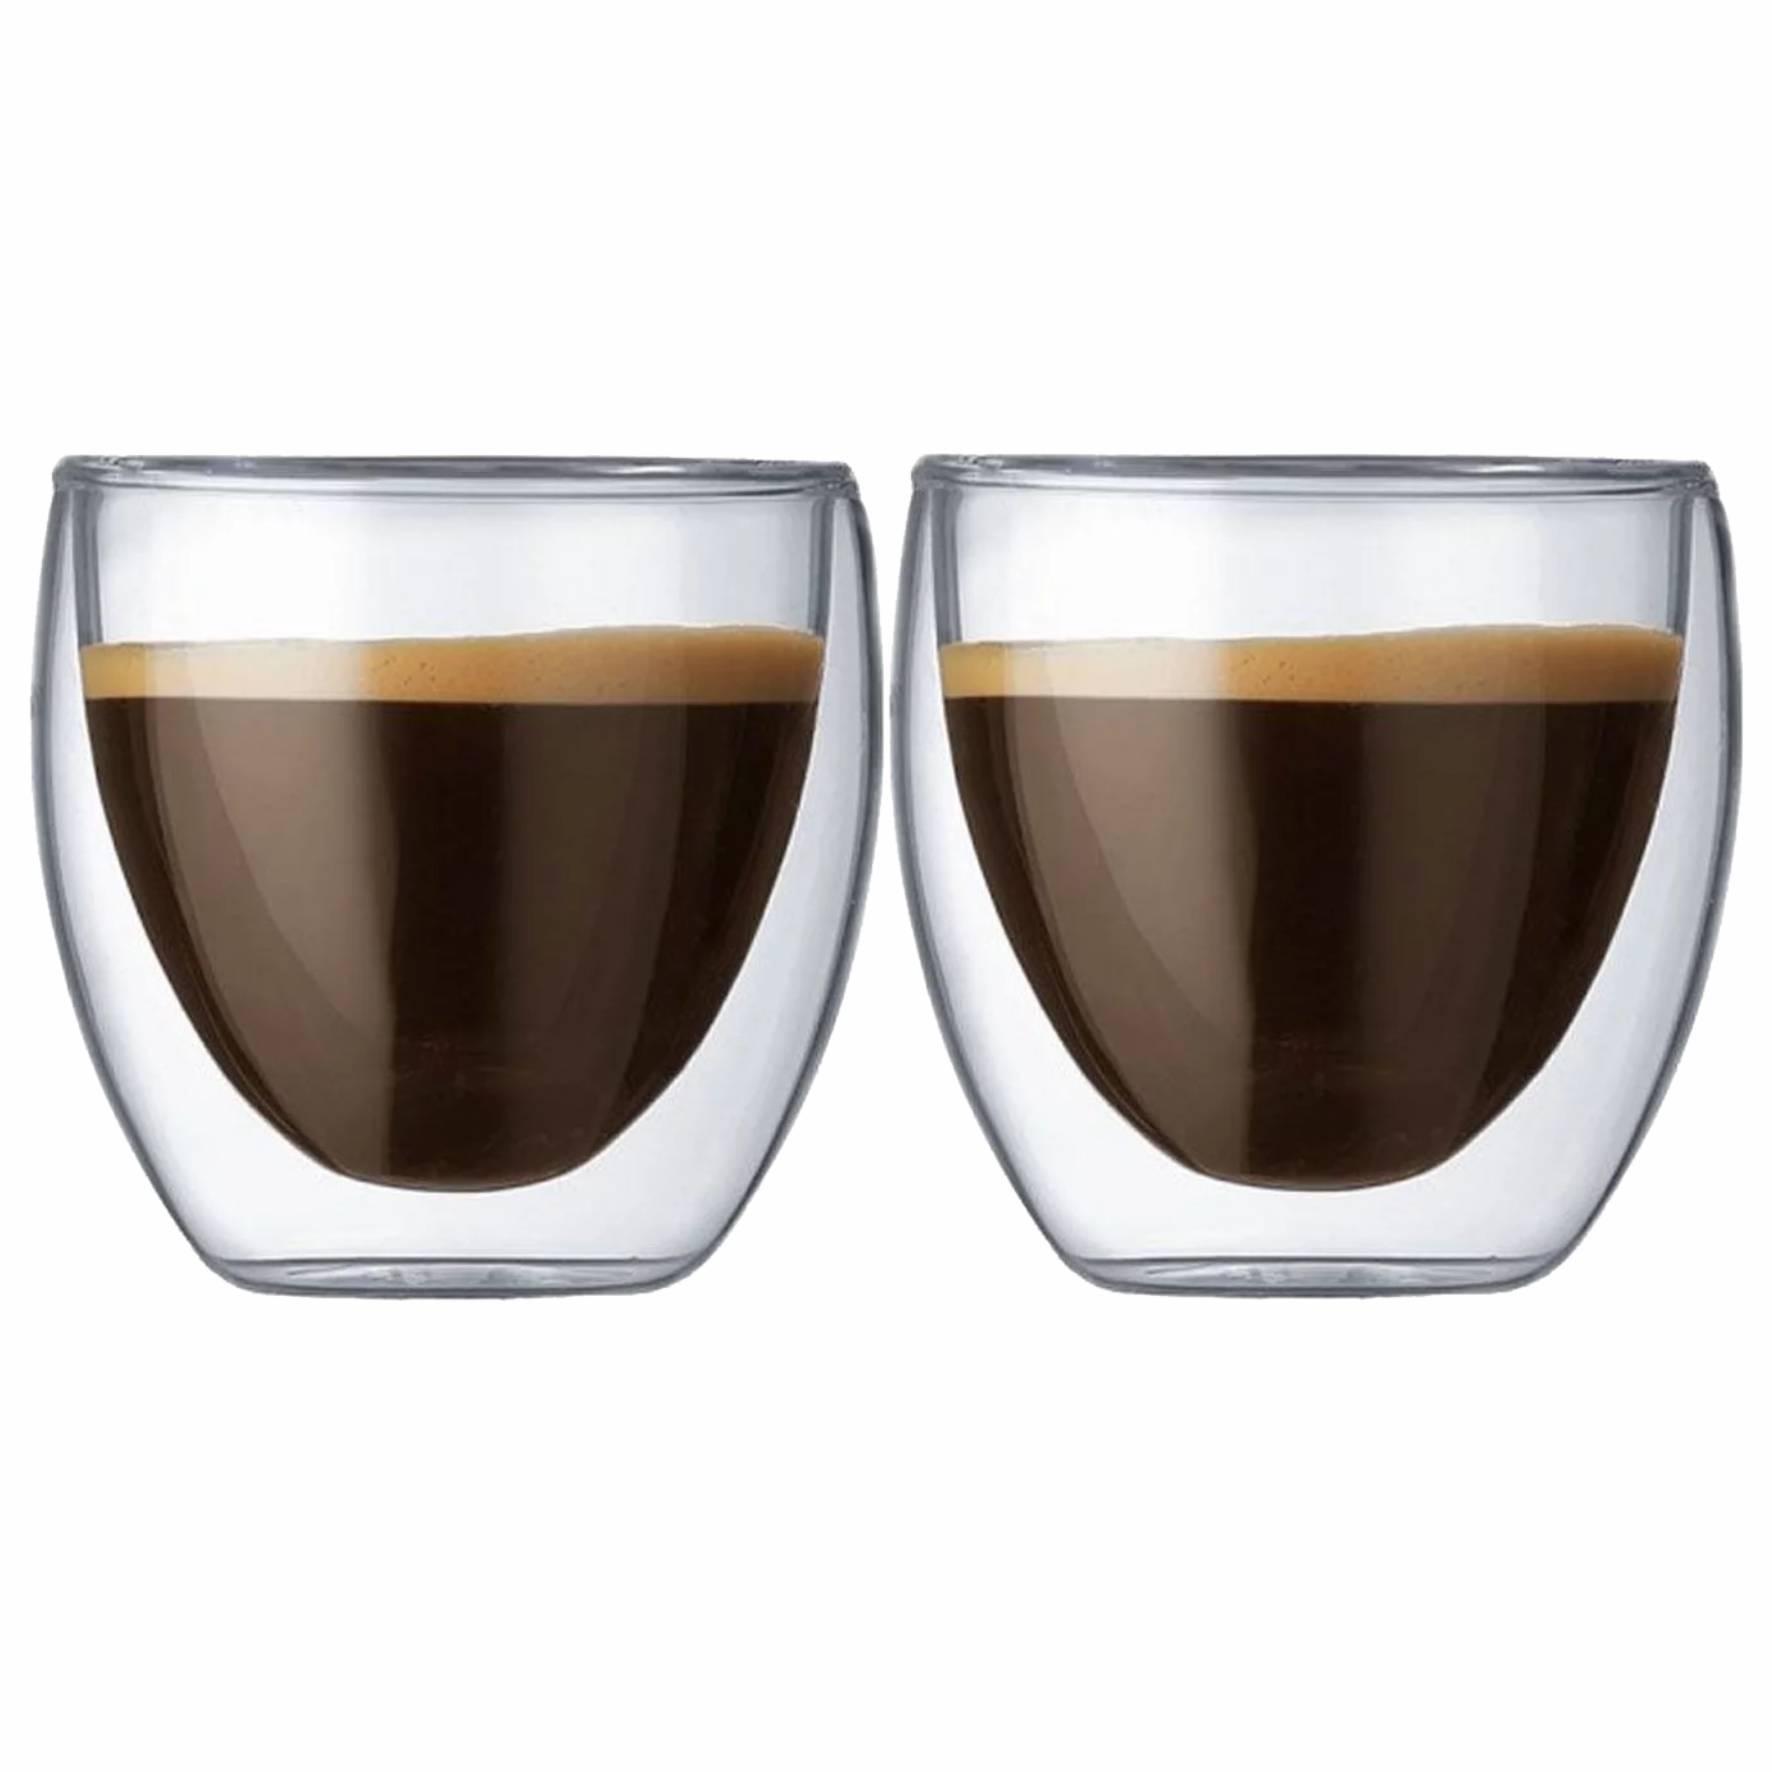 Kit 2 Xícaras Parede Dupla 70ml para Café